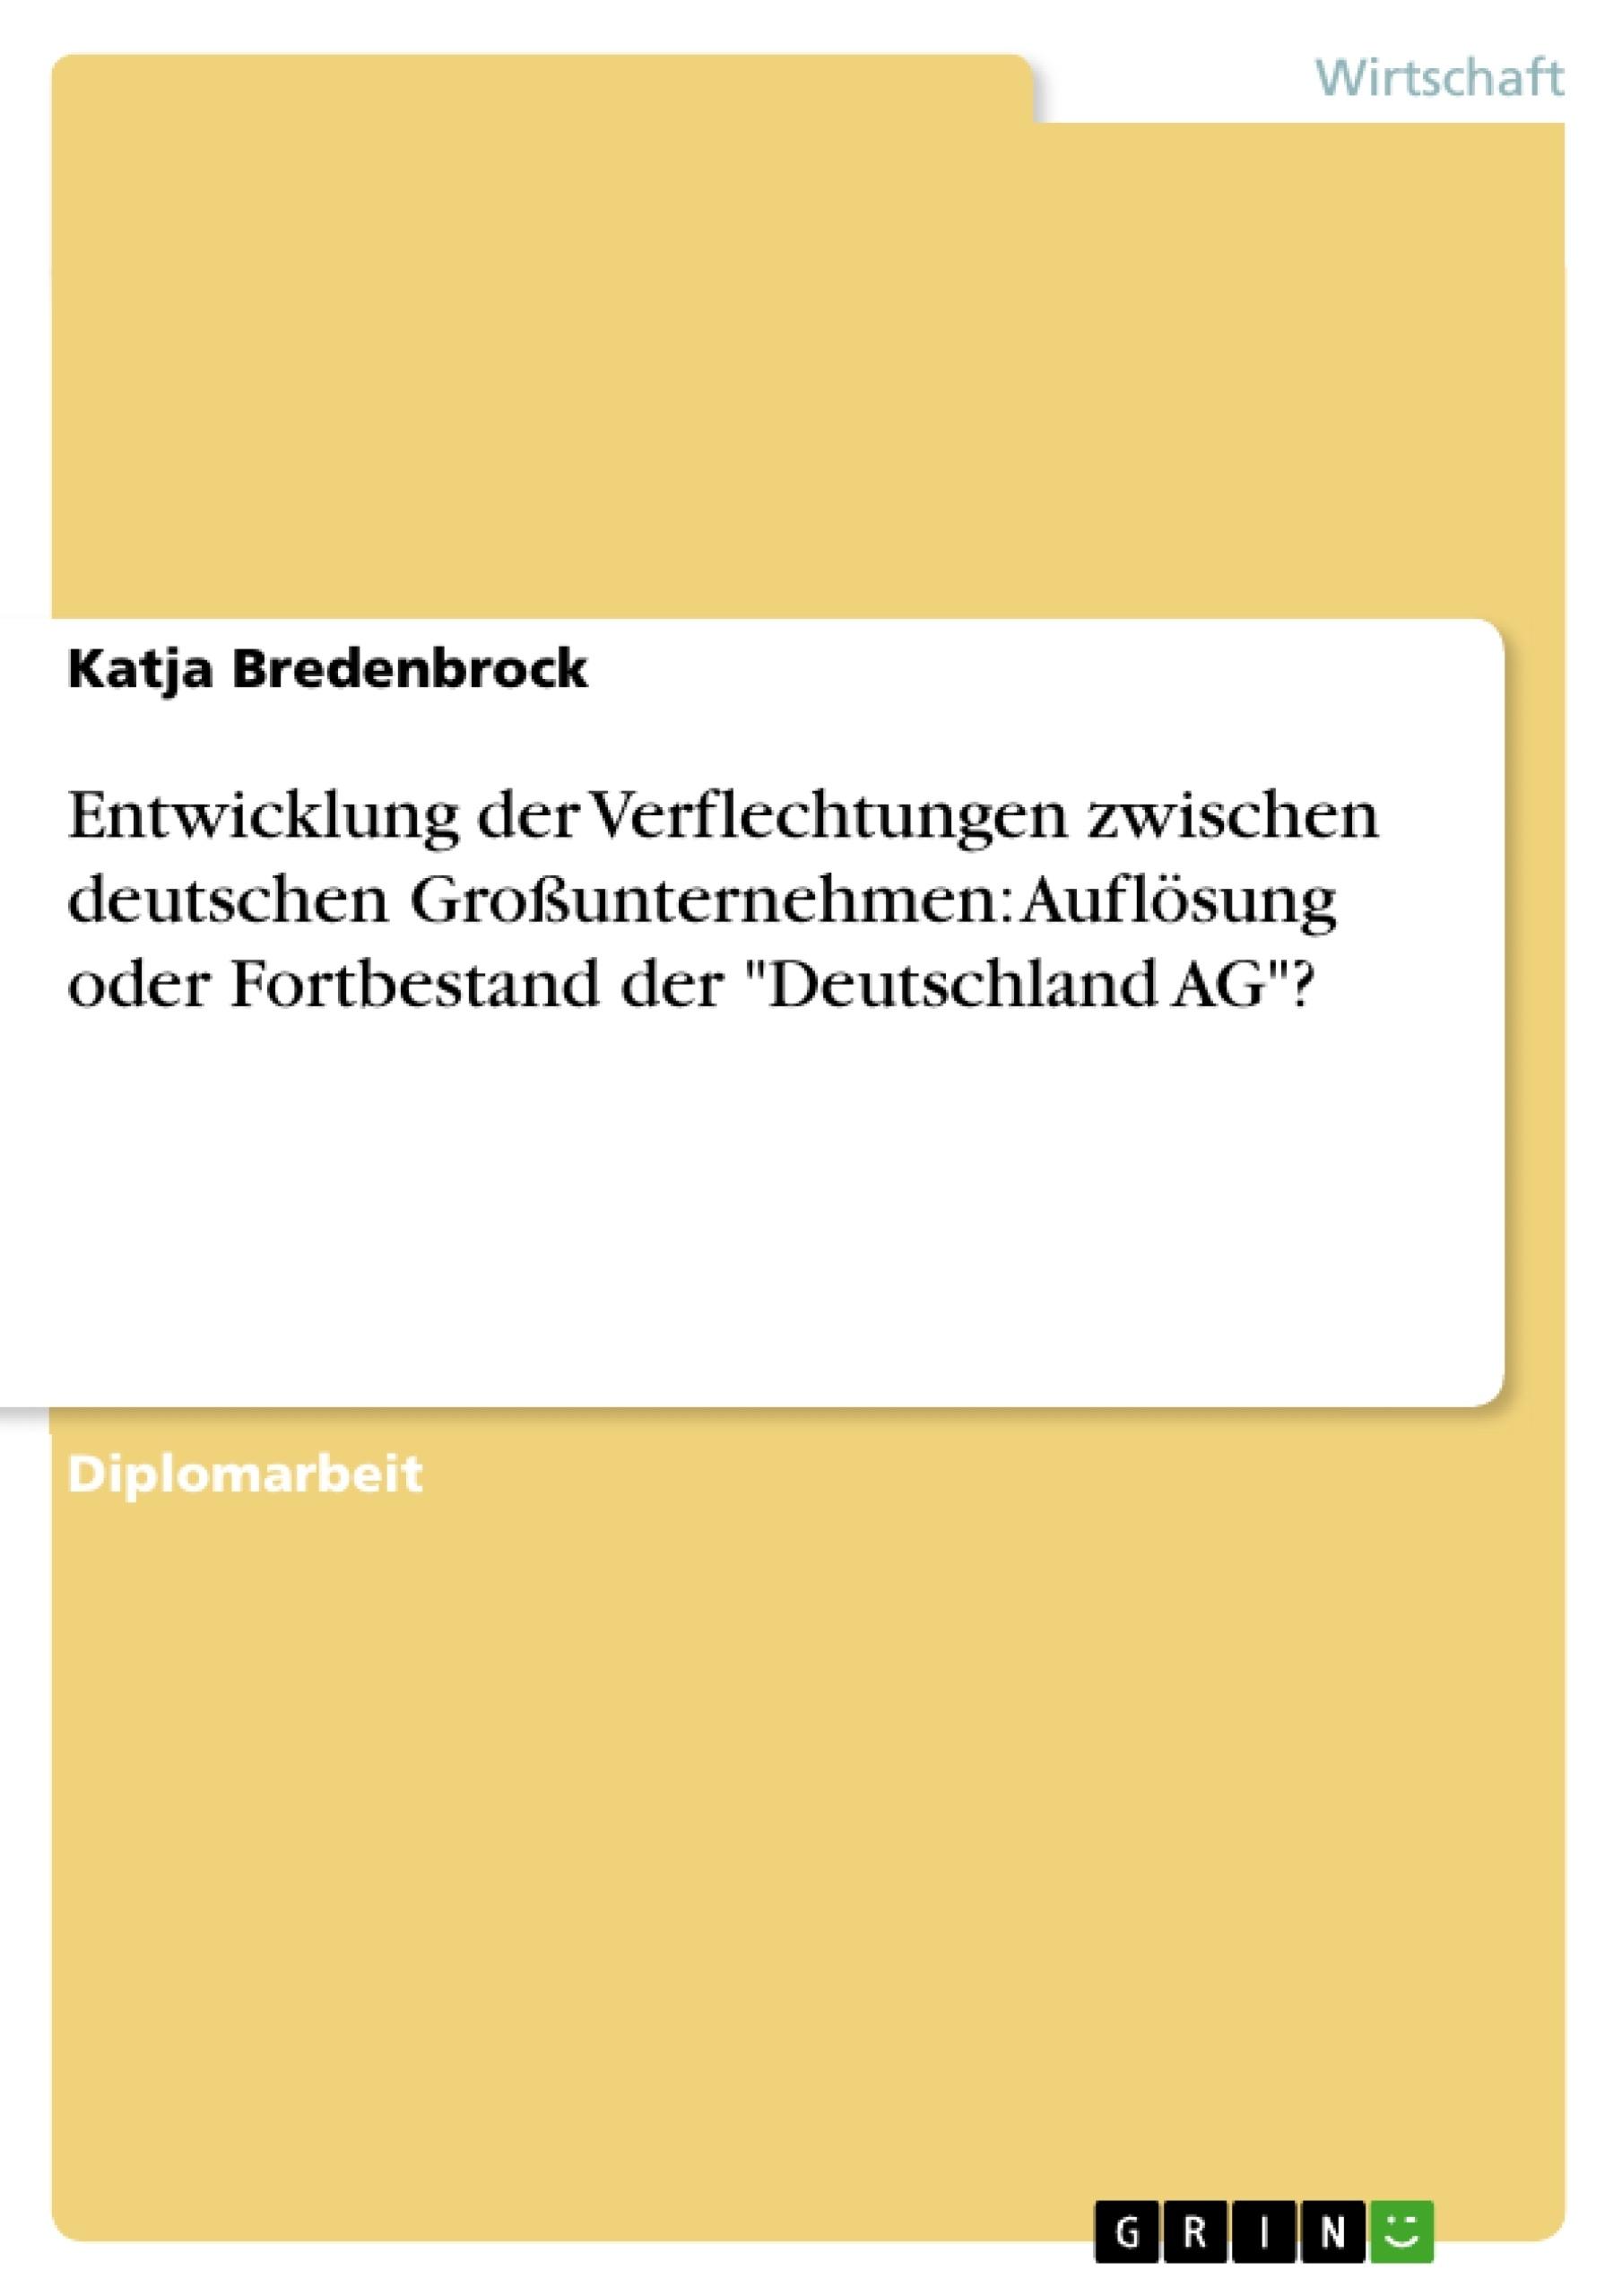 """Titel: Entwicklung der Verflechtungen zwischen deutschen Großunternehmen: Auflösung oder Fortbestand der """"Deutschland AG""""?"""